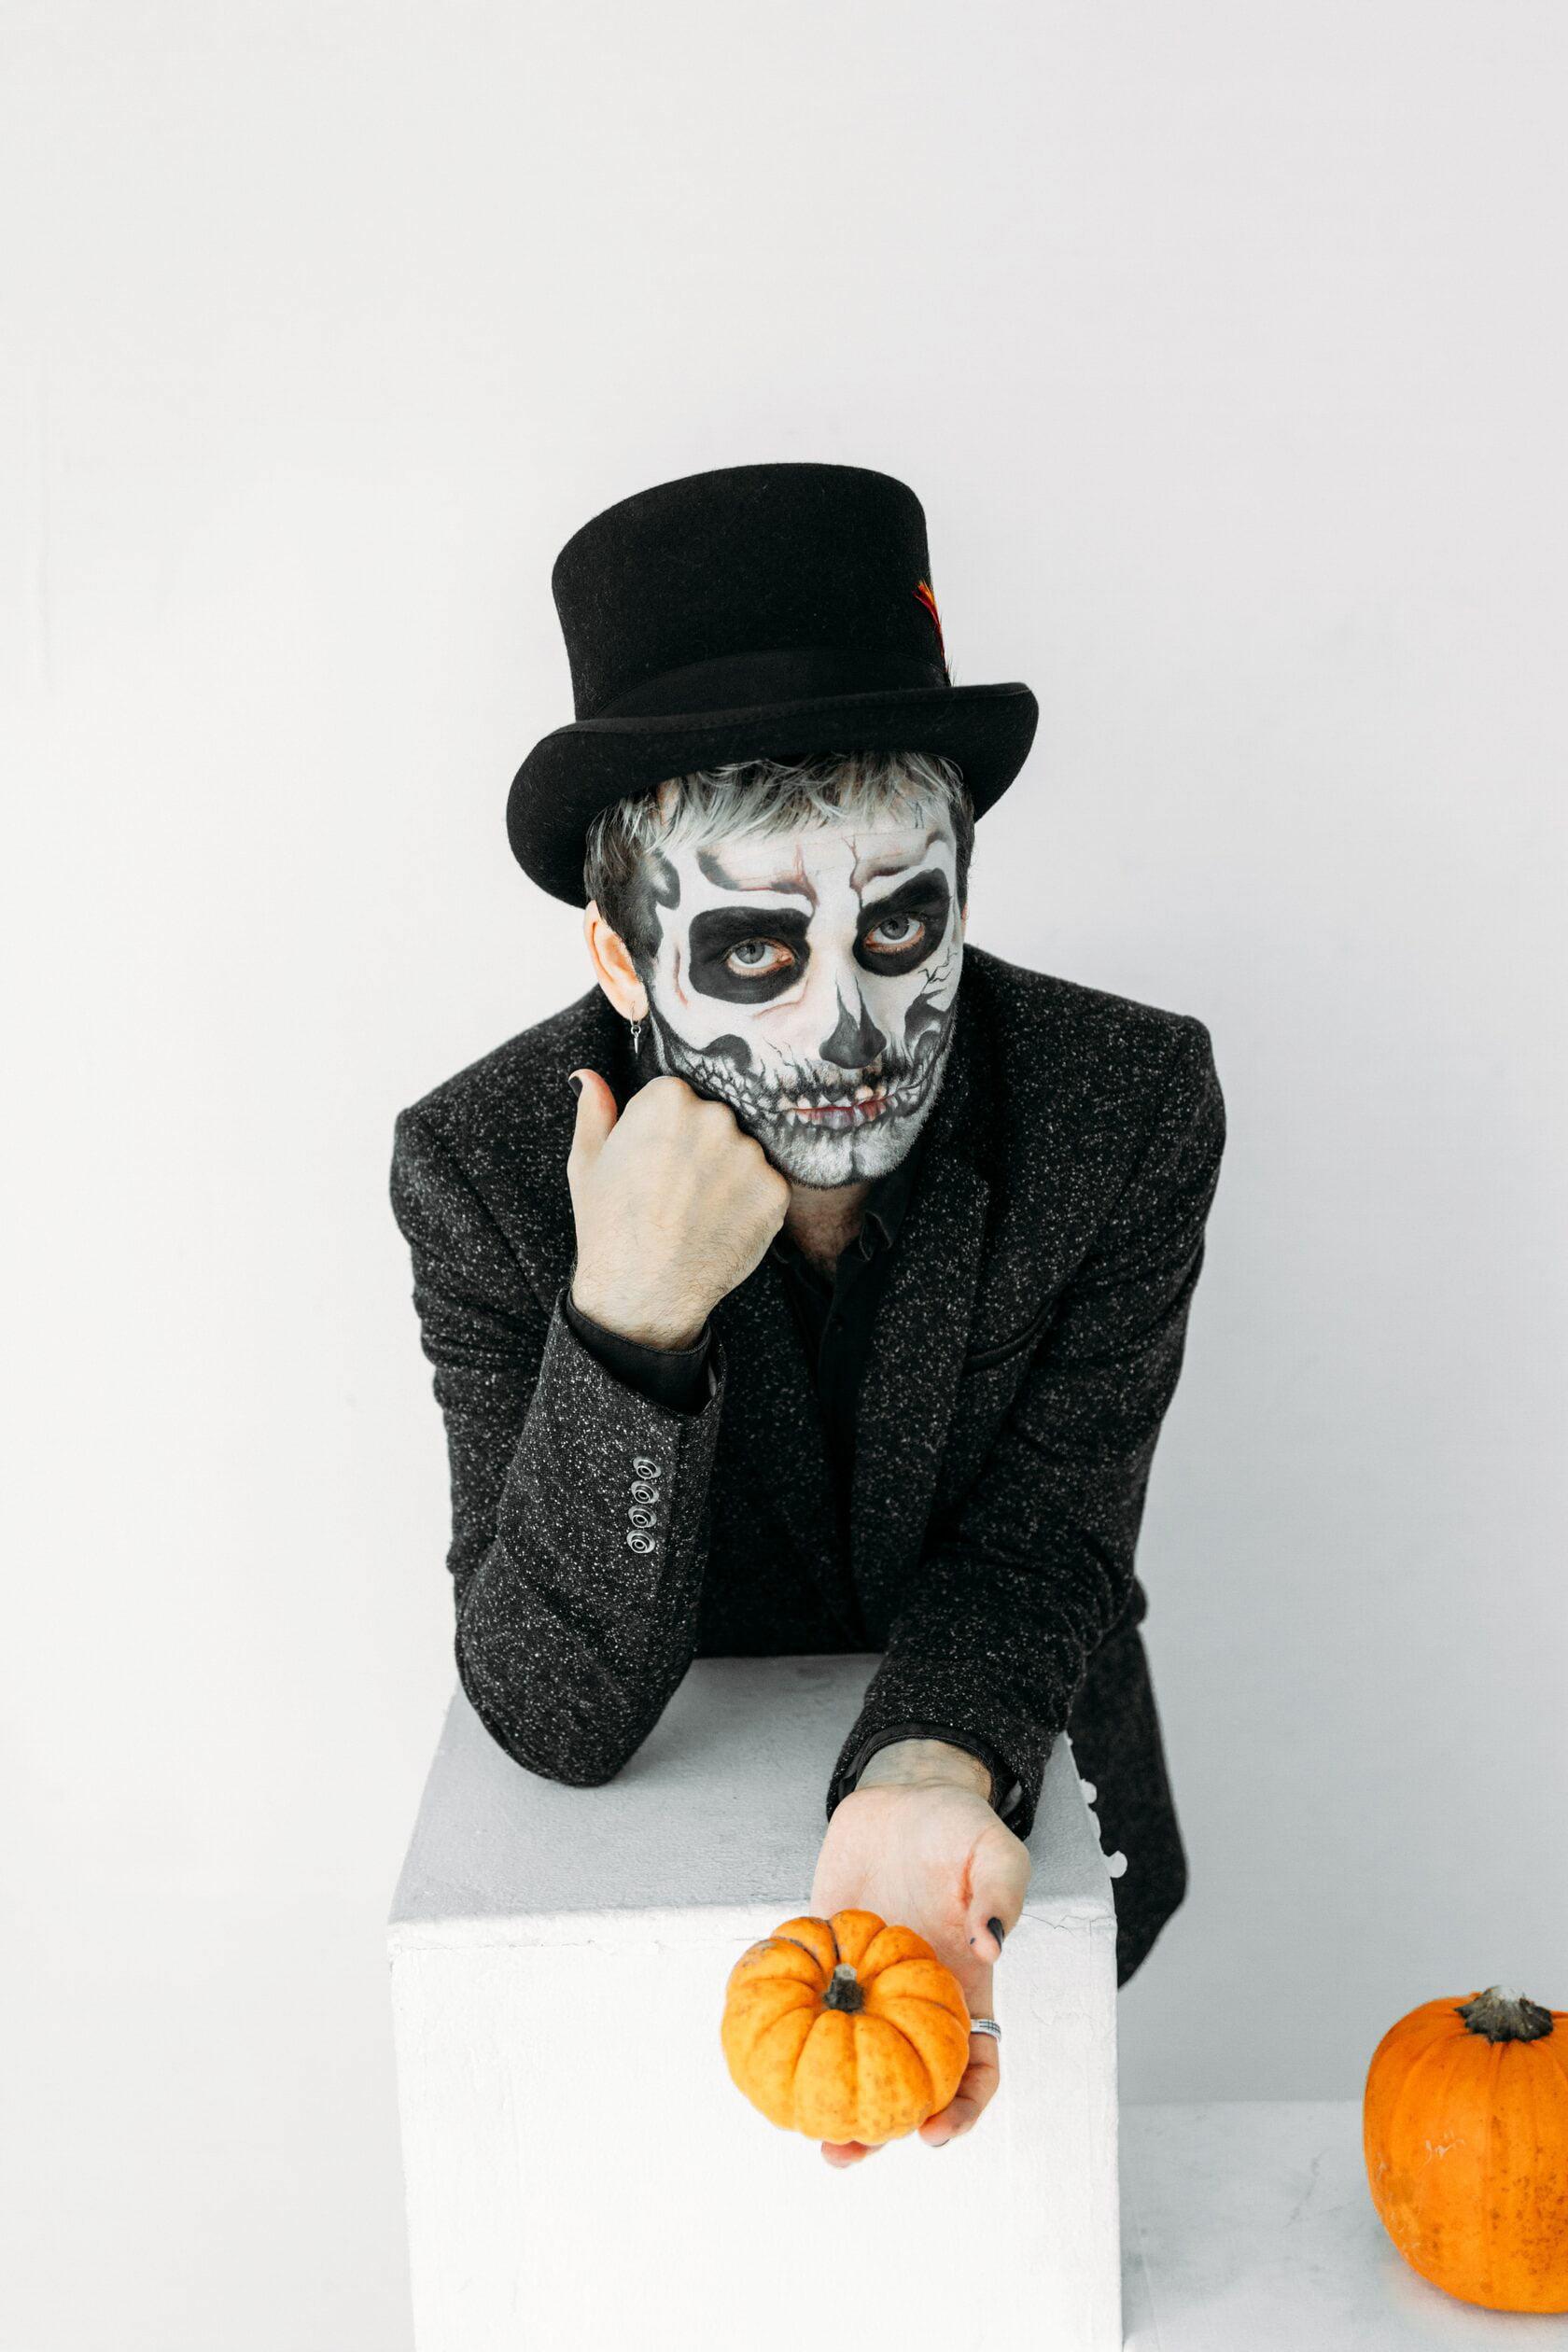 halloween costume ideas 29 29